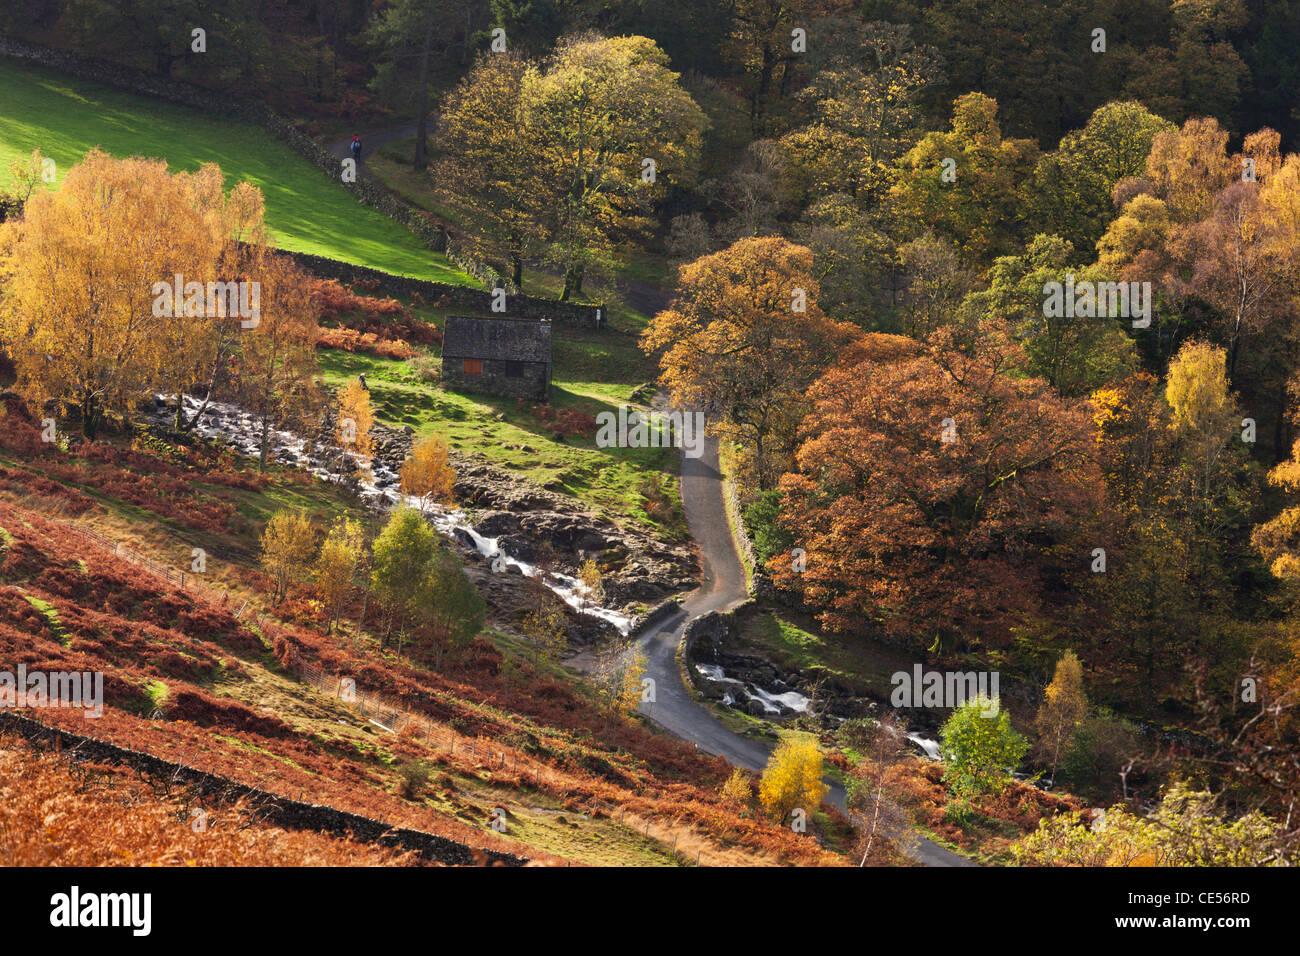 Country lane passant sur Barrow Beck sur Ashness Bridge, Lake District, Cumbria, Angleterre. L'automne (novembre) Photo Stock